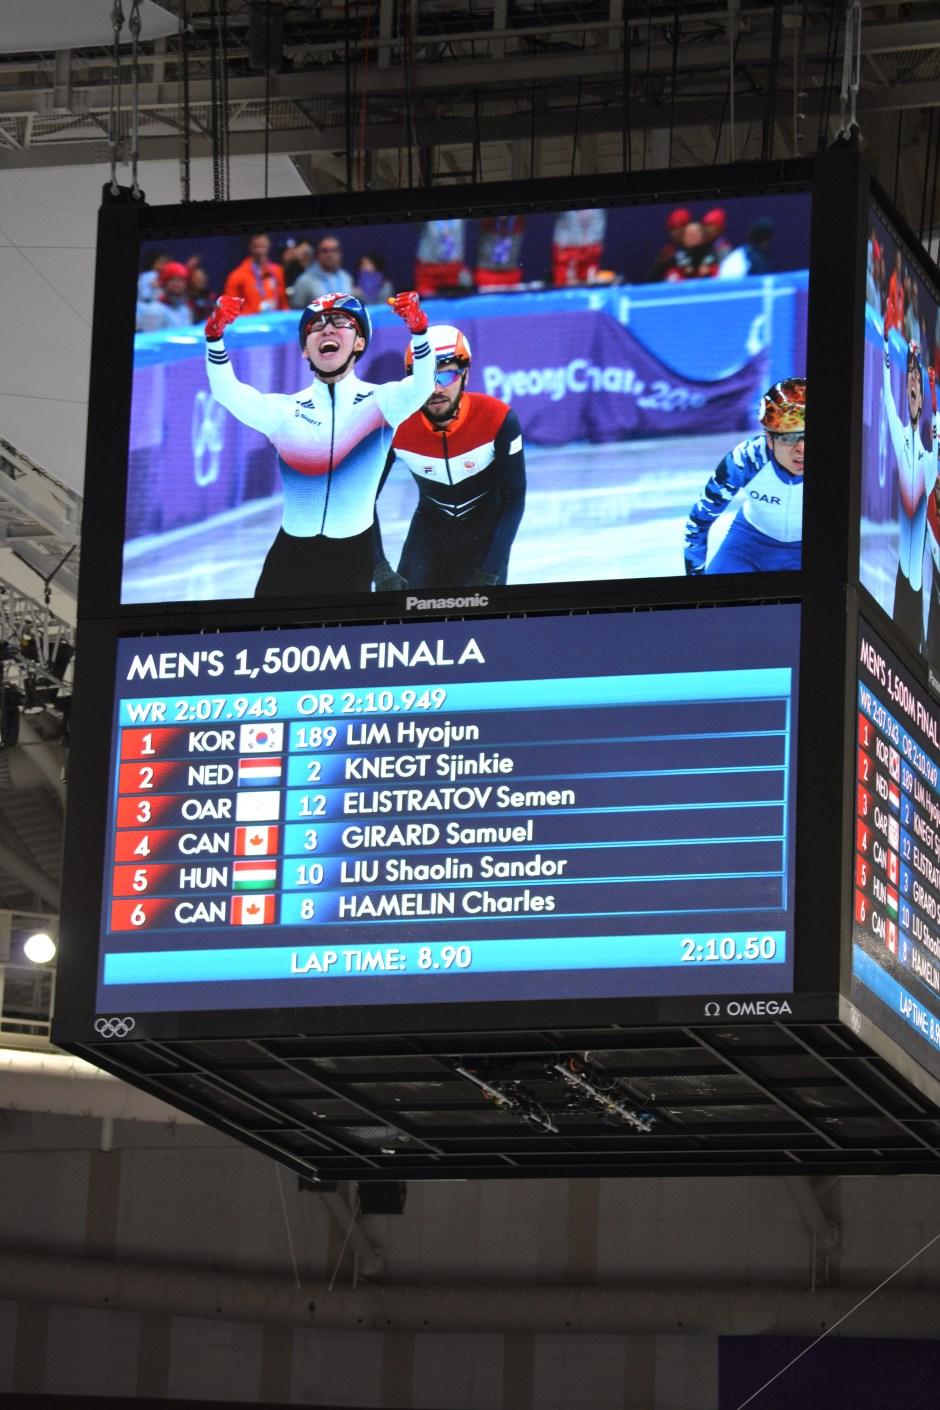 Mens 1500m short skate finals 10